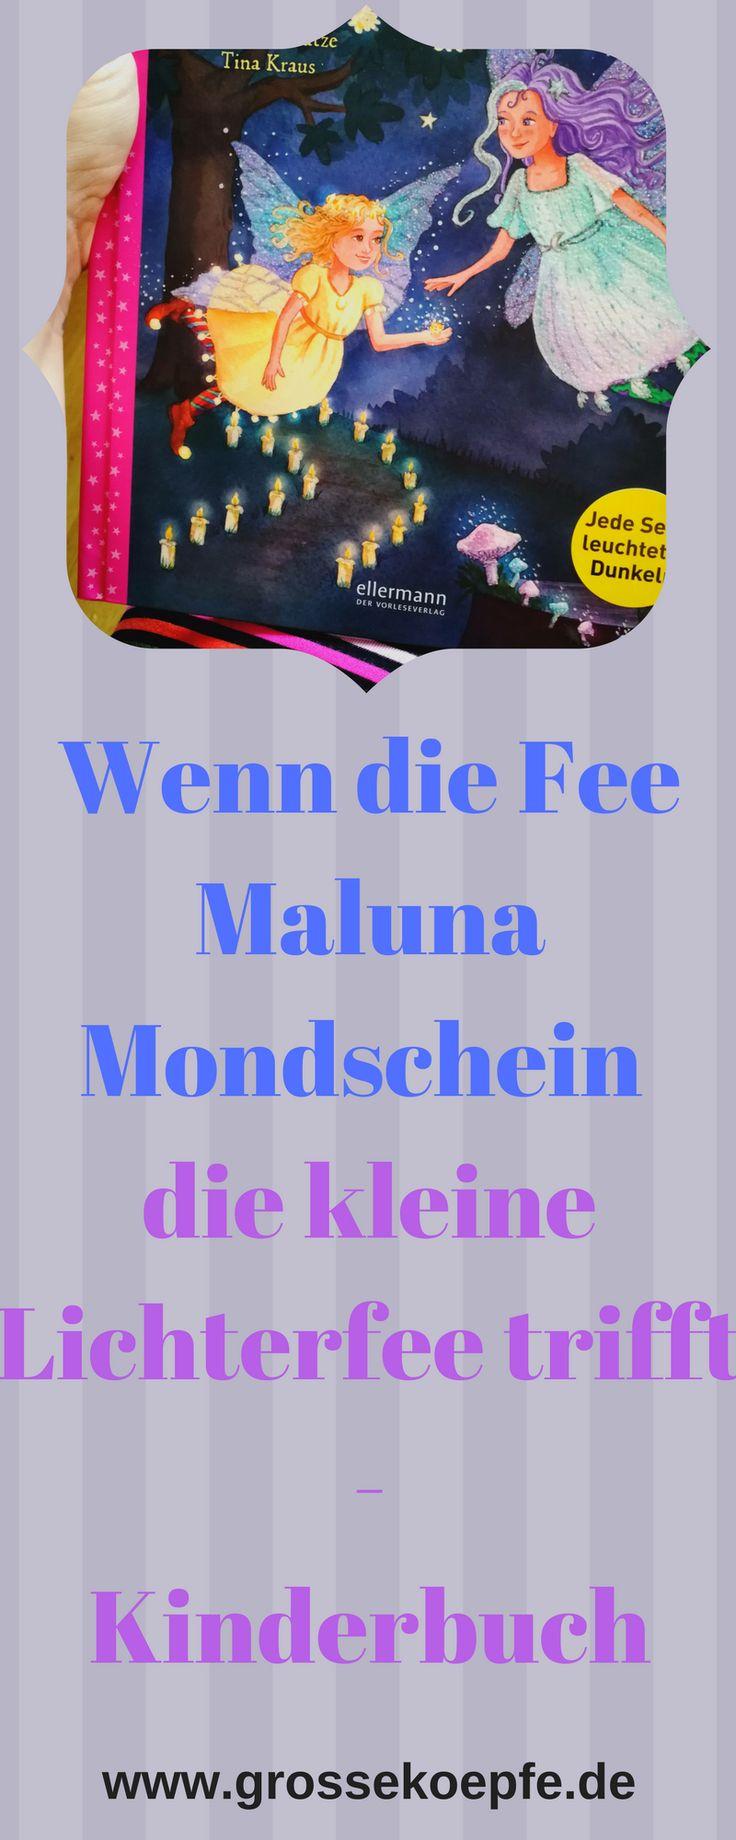 Maluna Mondschein Buch, Fee Bücher, Bücher mit Feen, Lichterfee Buch, Kinderbuch, Buch mit Fee, Kinderbuch